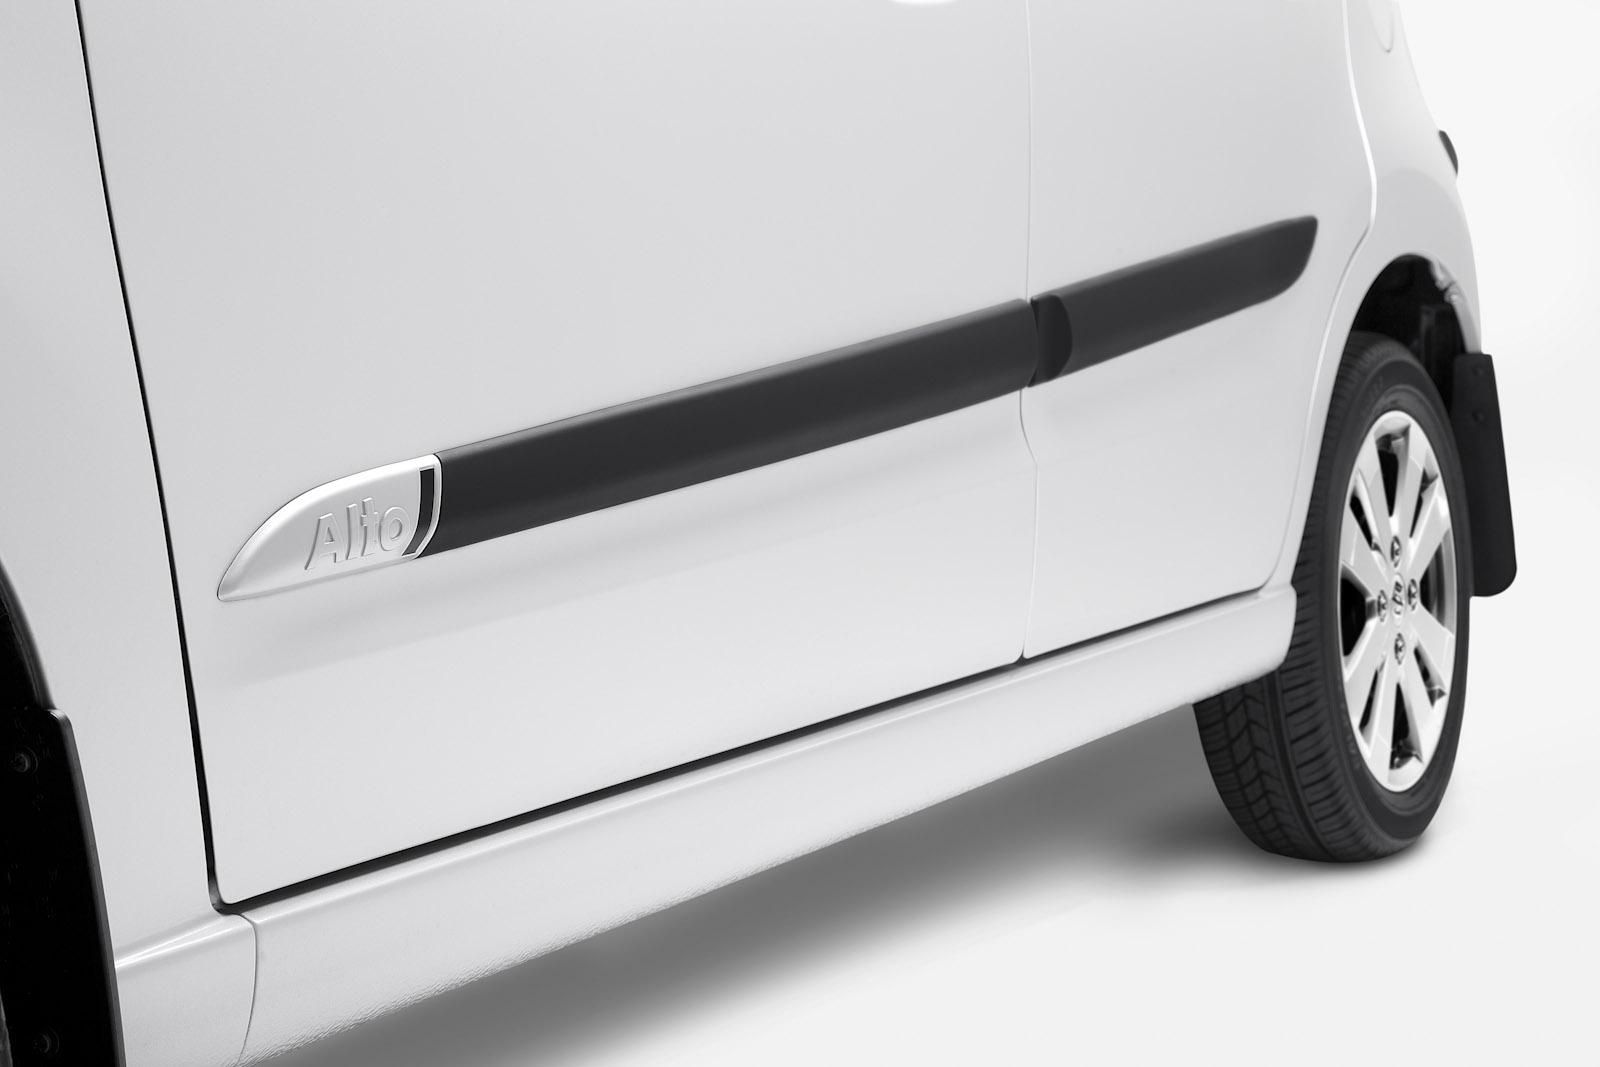 Moulding Side Protector Door Protection for Suzuki Alto 5-doors 2009-2013